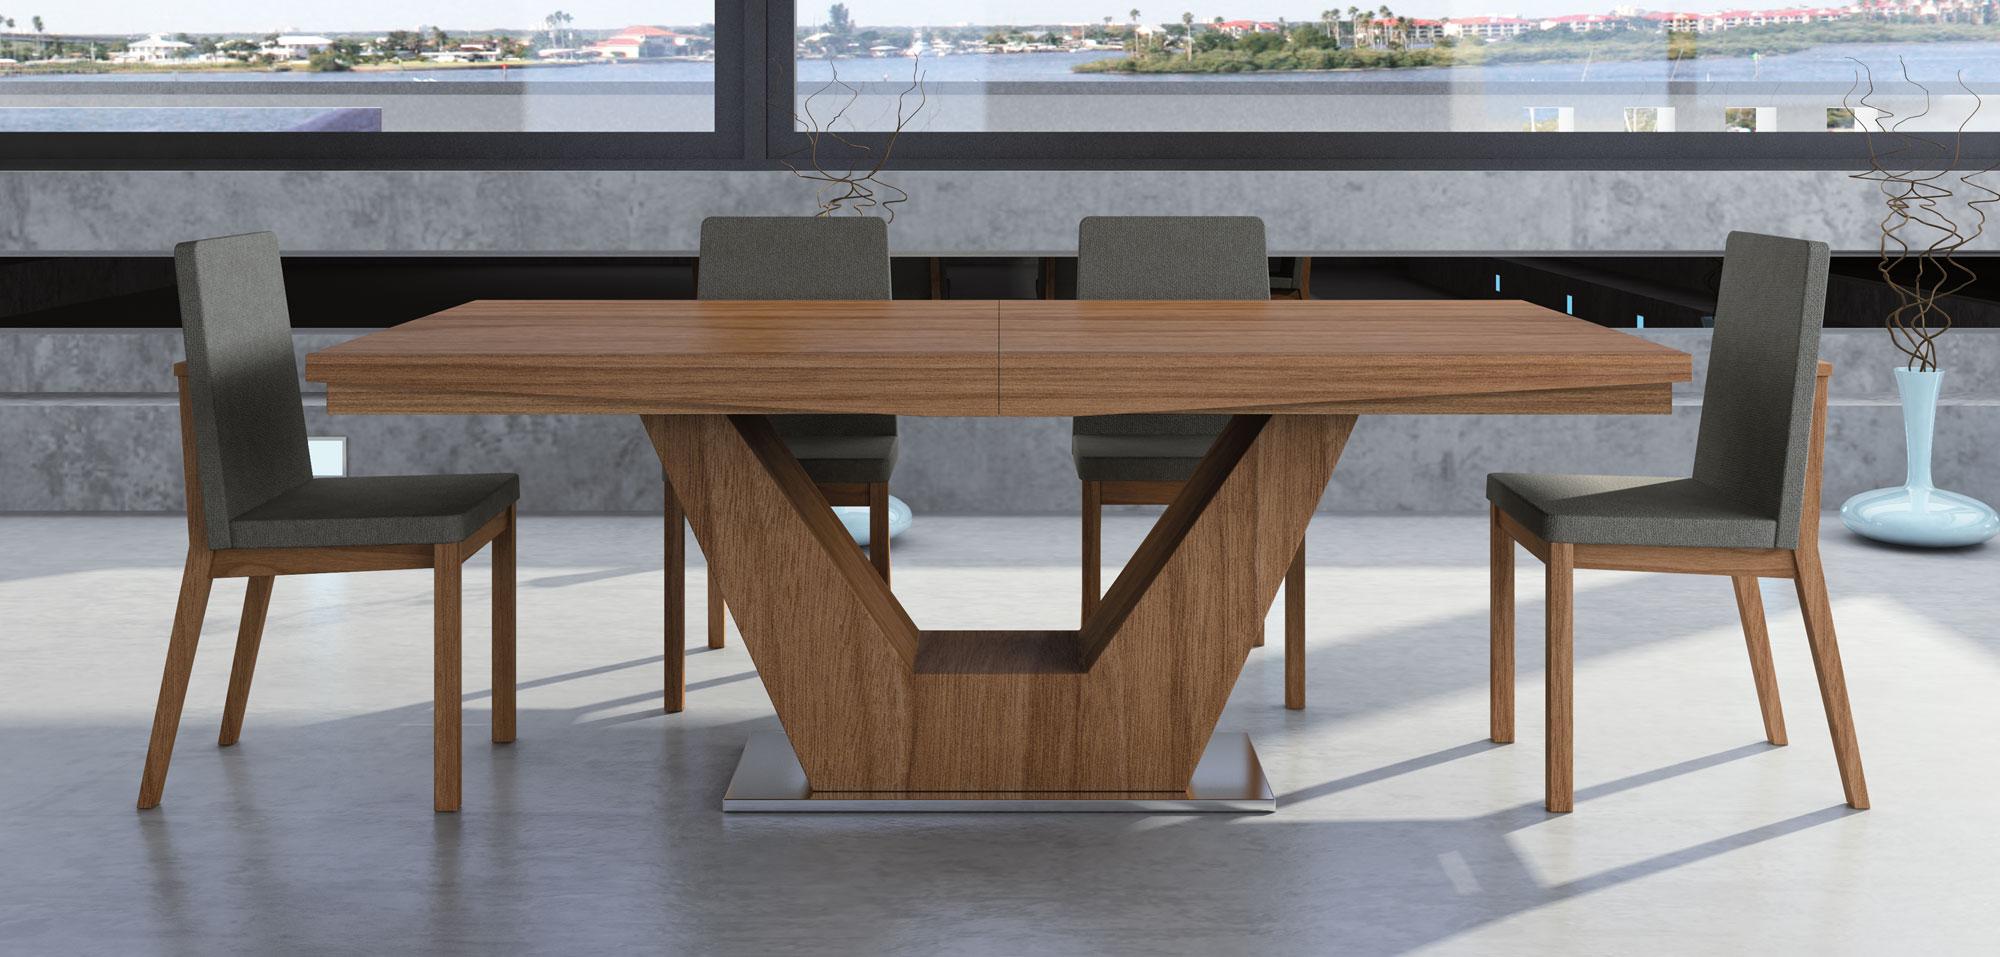 comedor moderno minimalista inlab muebles nueva linea dmm ...